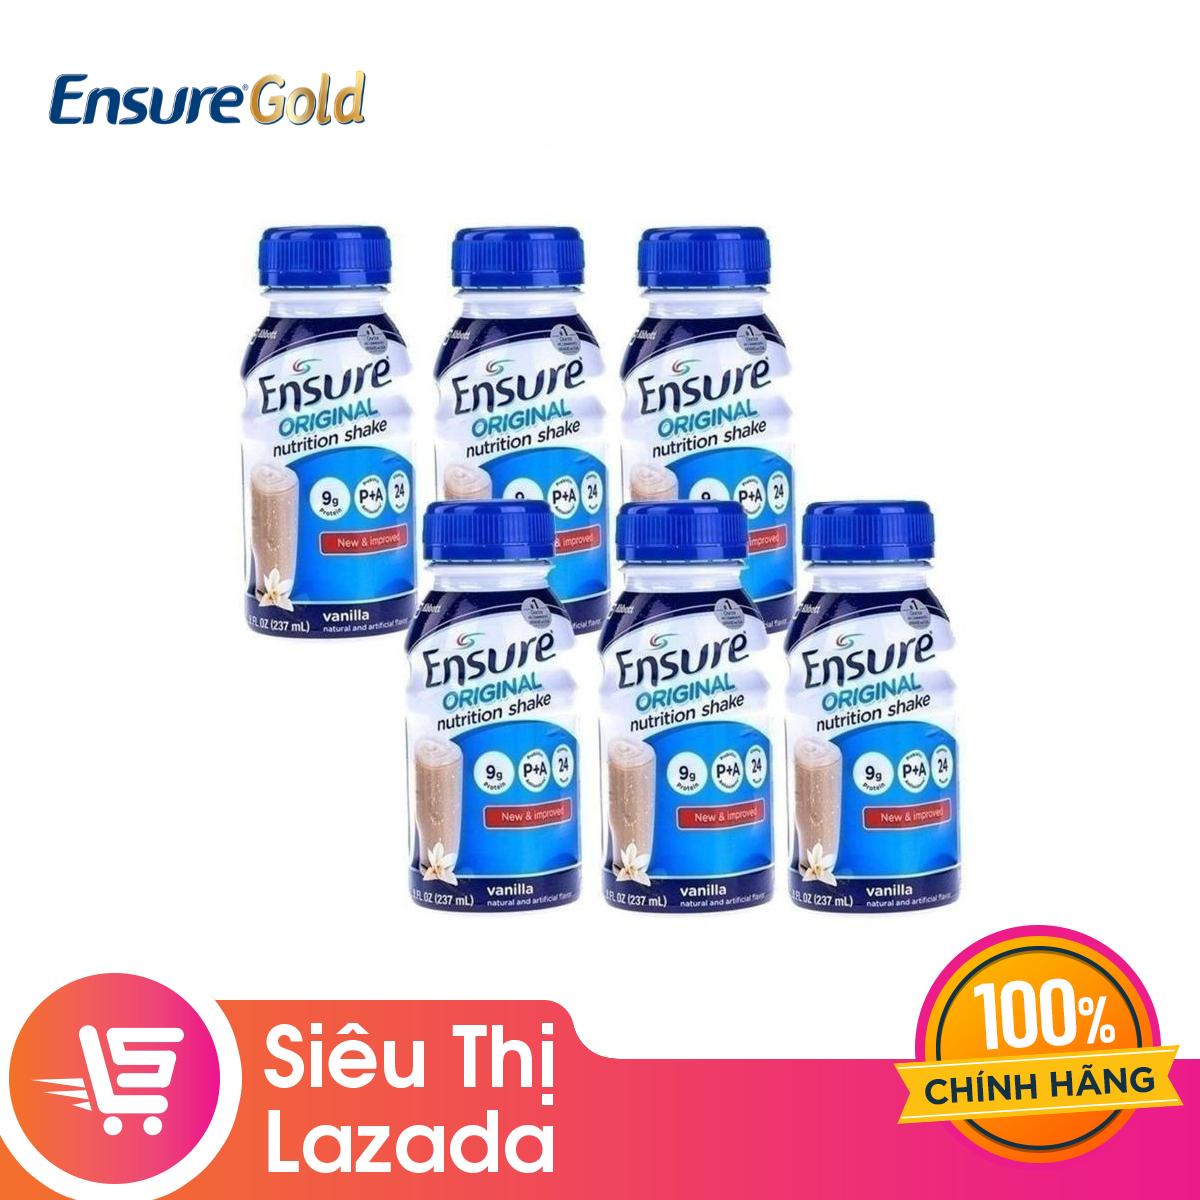 Giá Quá Tốt Để Có [FREESHIP ĐƠN TỪ 499K] Bộ 6 Chai Sữa Nước Ensure Vani 237ml